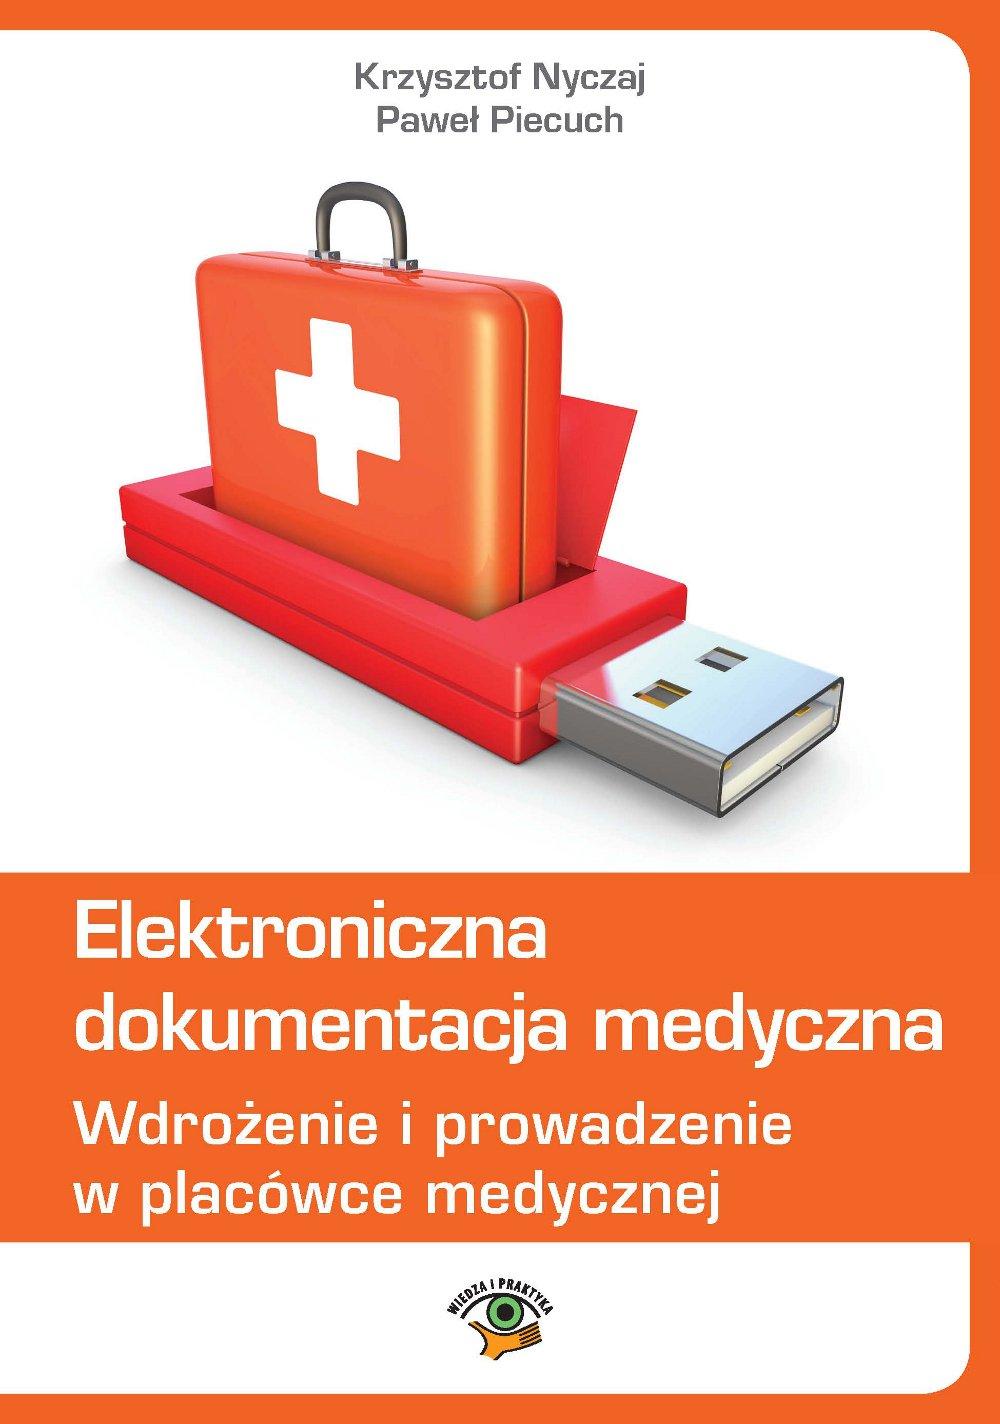 Elektroniczna dokumentacja medyczna. Wdrożenie i prowadzenie w placówce medycznej (wydanie trzecie zaktualizowane) - Ebook (Książka EPUB) do pobrania w formacie EPUB